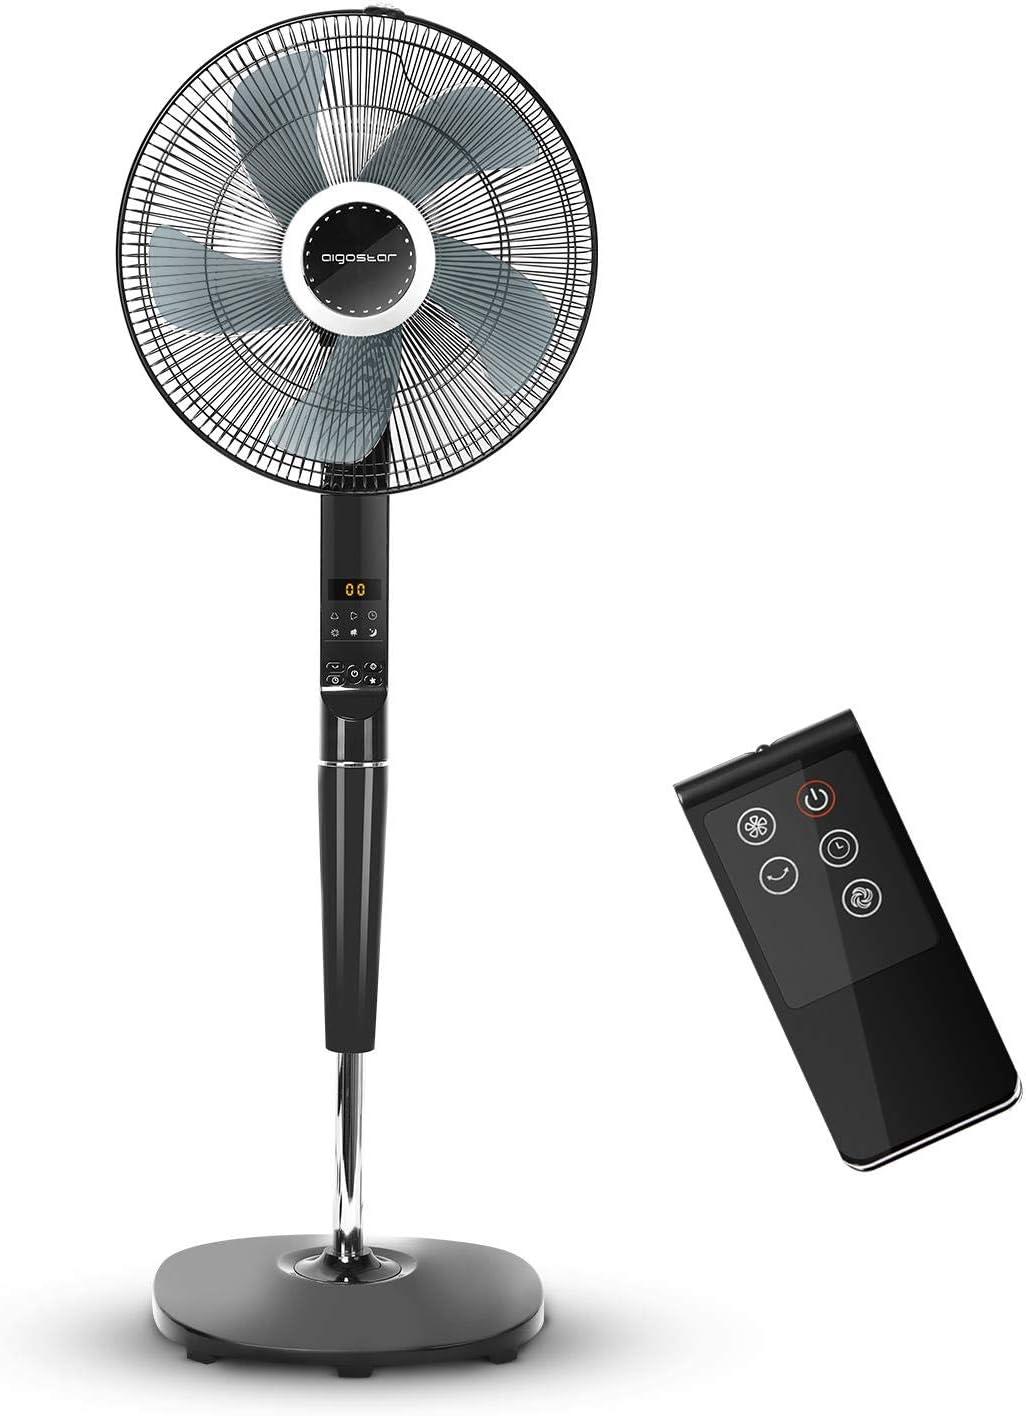 Aigostar Hansa 33JTR - Ventilador de pie oscilante con mando a distancia, 55W, 3 modos y 6 velocidades, altura max 1,44m. Temporizador de encendido y apagado, pantalla y control LED. Diseño exclusivo.